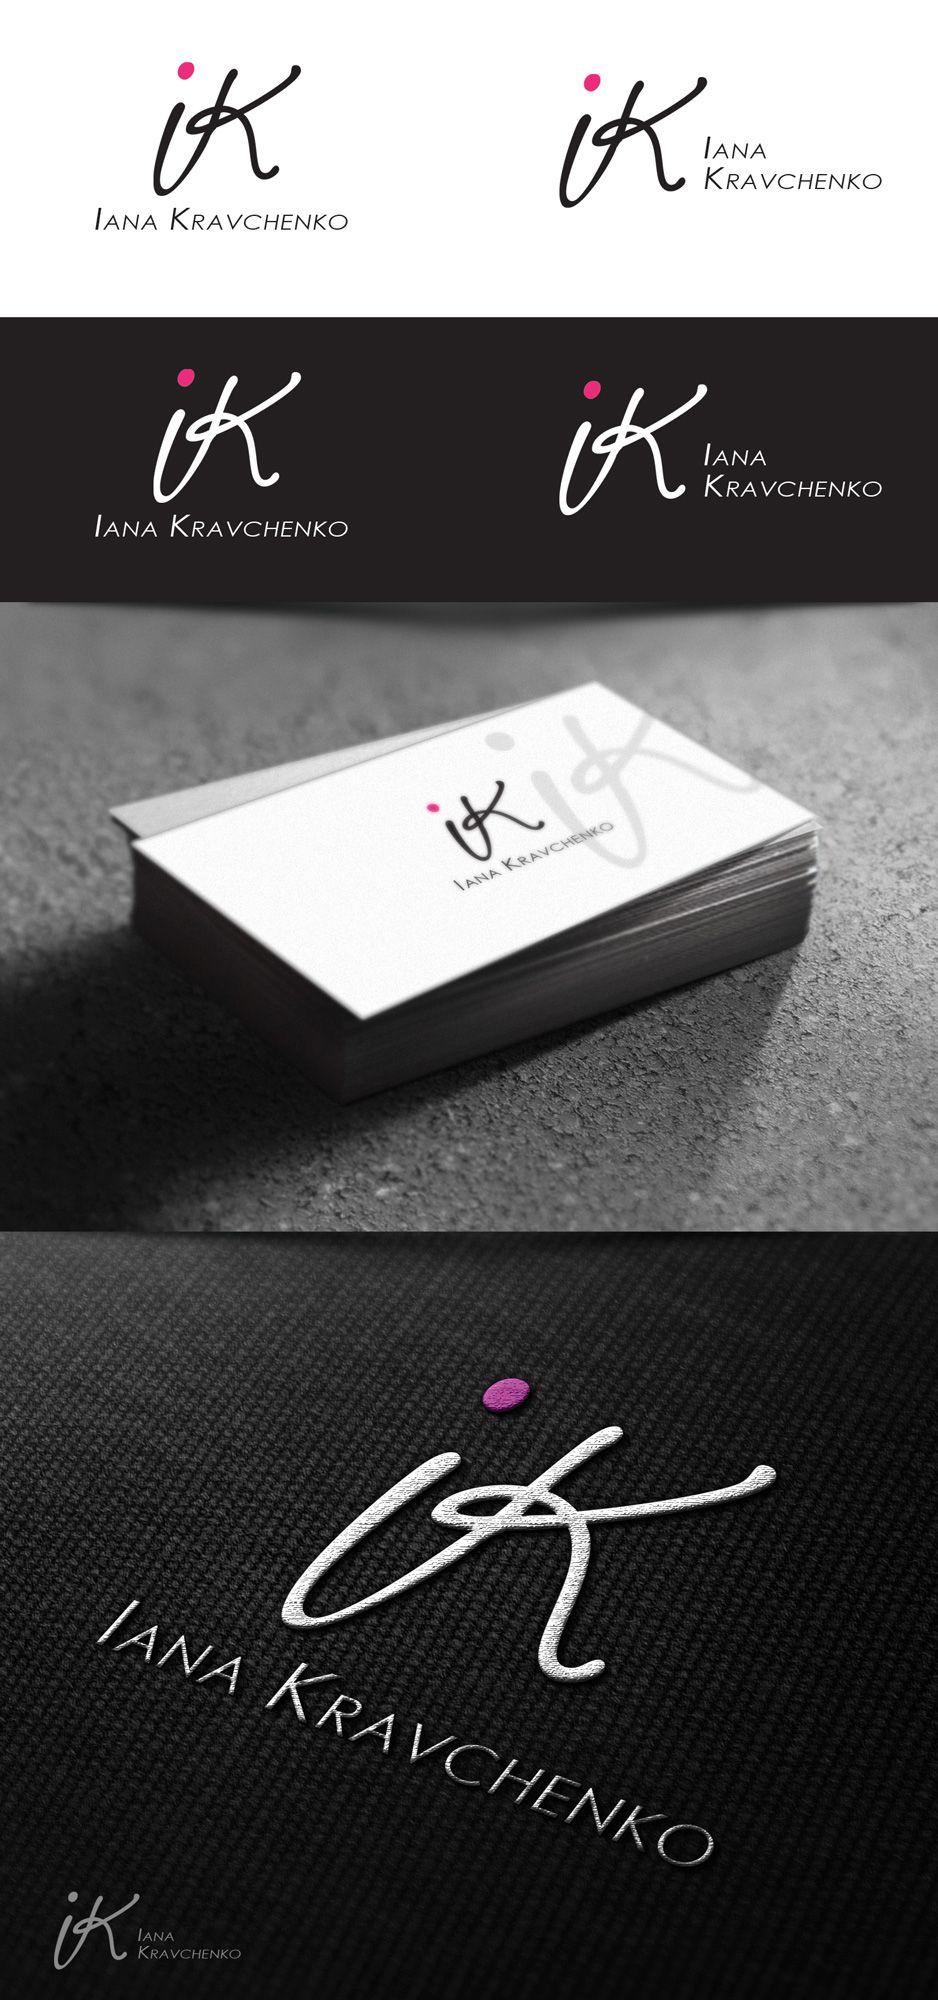 Логотипа и фир. стиля для дизайнера одежды - дизайнер Enrik